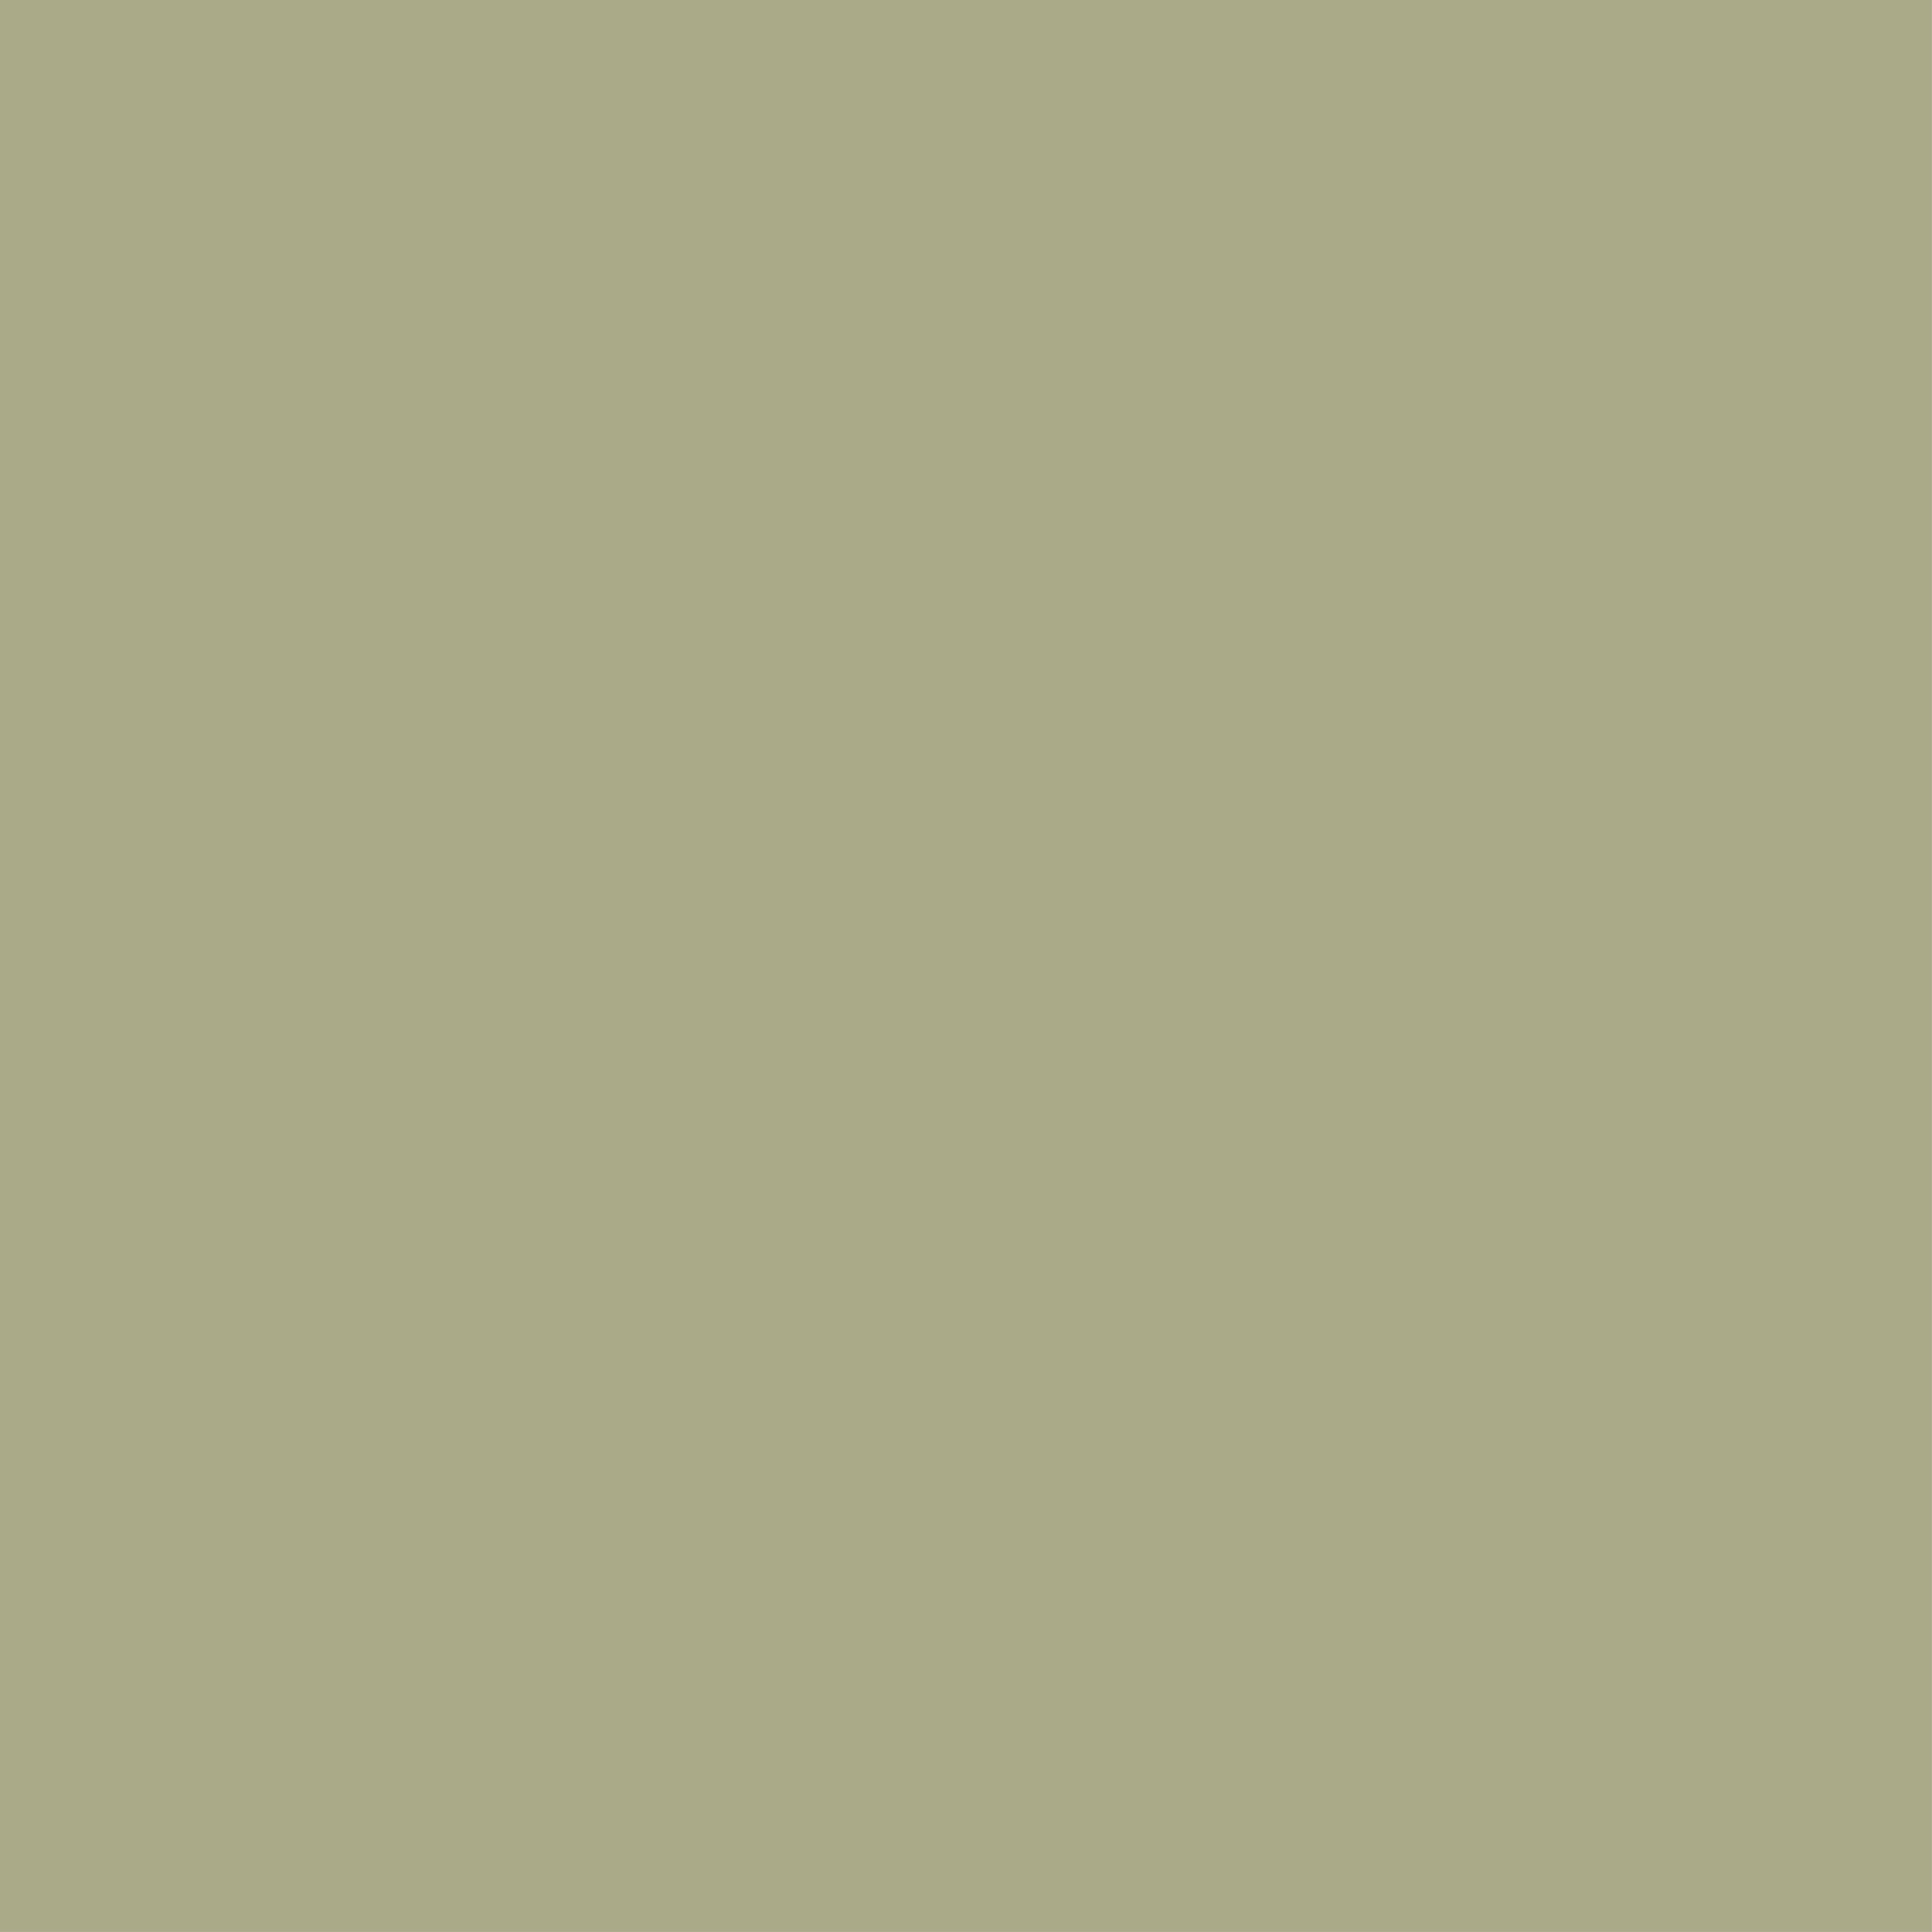 nonono.design_Colour.png